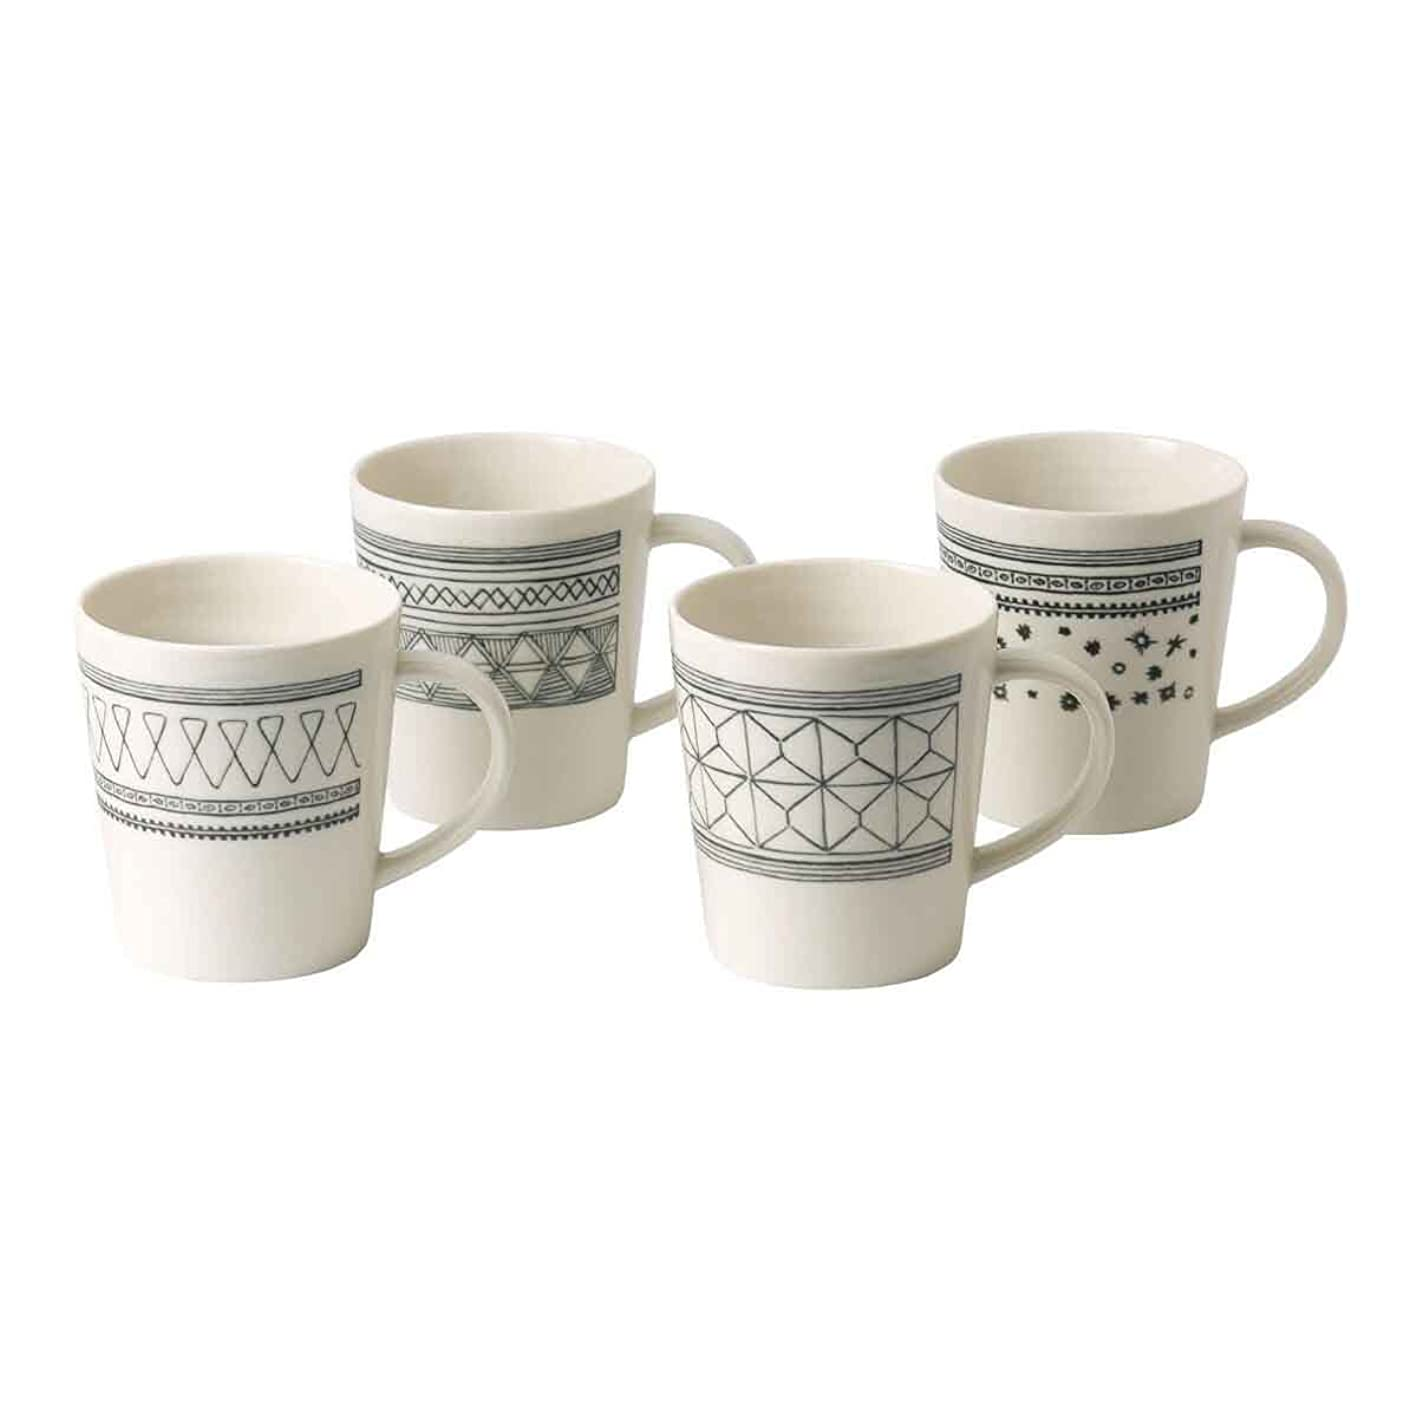 ED Charcoal Mixed Mug Set of 4, Ellen Degeneres Collection by Royal Doulton nciudfbahgg677